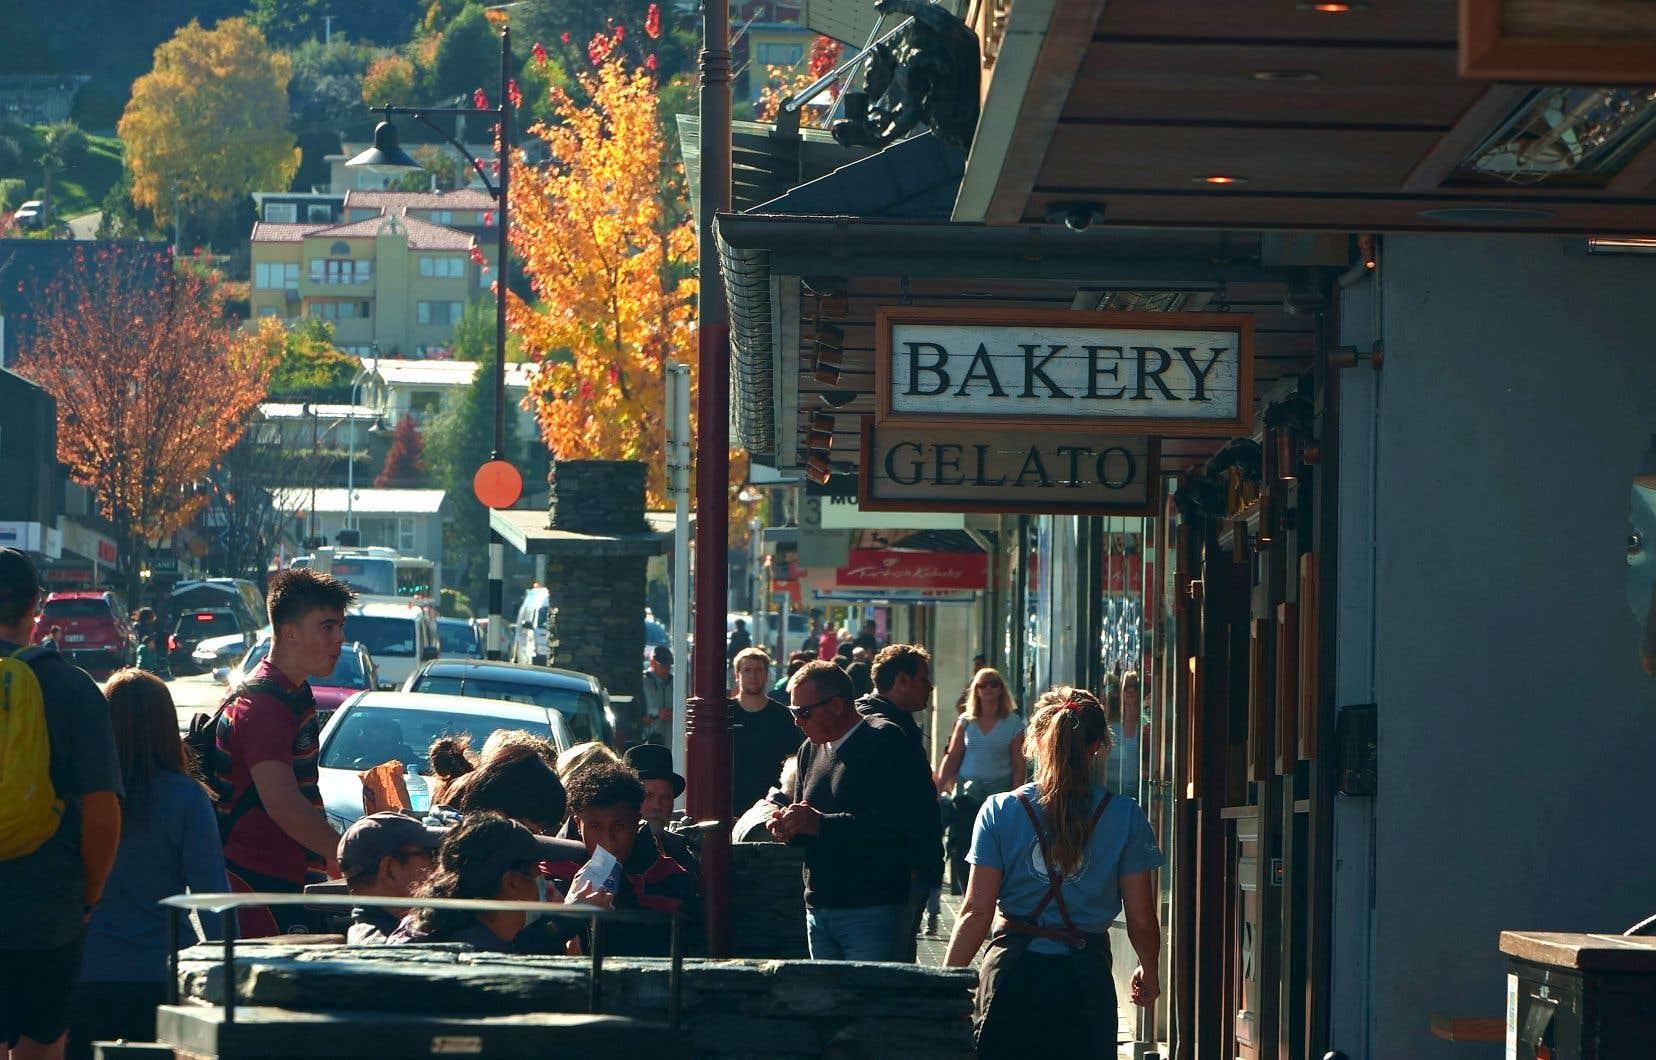 En Nouvelle-Zélande, la vie normale reprend tranquillement son cours. En avril, des touristes passaient leur après-midi dans la ville de Queenstown, sans masque, attablés à des terrasses, après que le pays a été rouvert aux touristes.